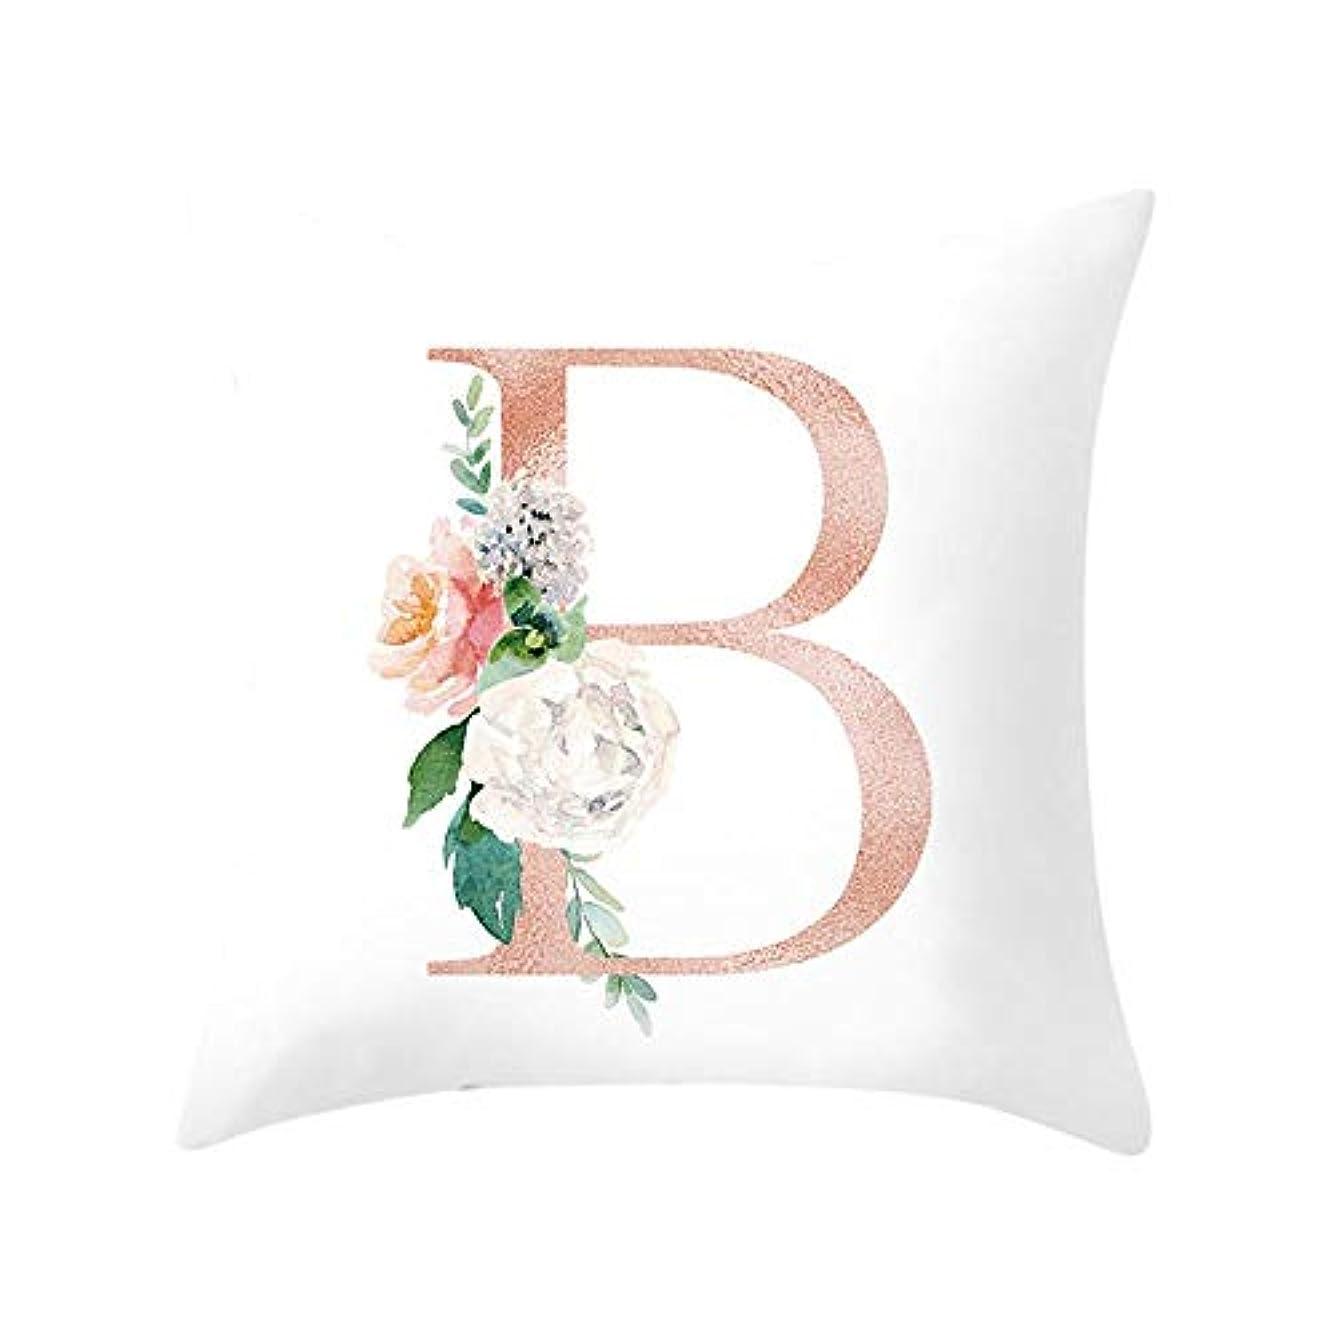 どうやらしなければならない目的LIFE 装飾クッションソファ手紙枕アルファベットクッション印刷ソファ家の装飾の花枕 coussin decoratif クッション 椅子